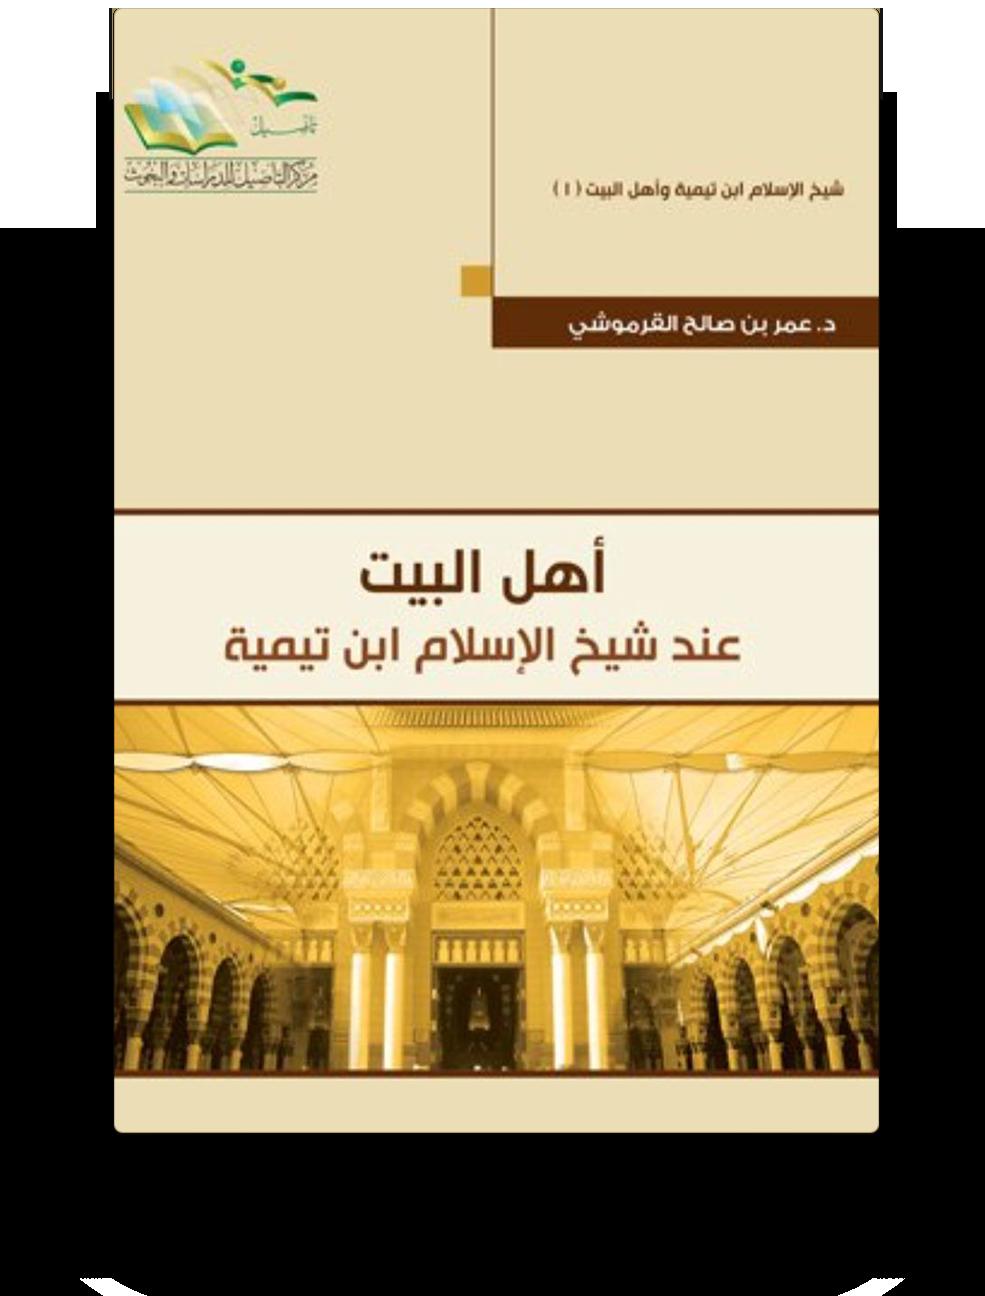 أهل البيت عند شيخ الإسلام بن تيمية